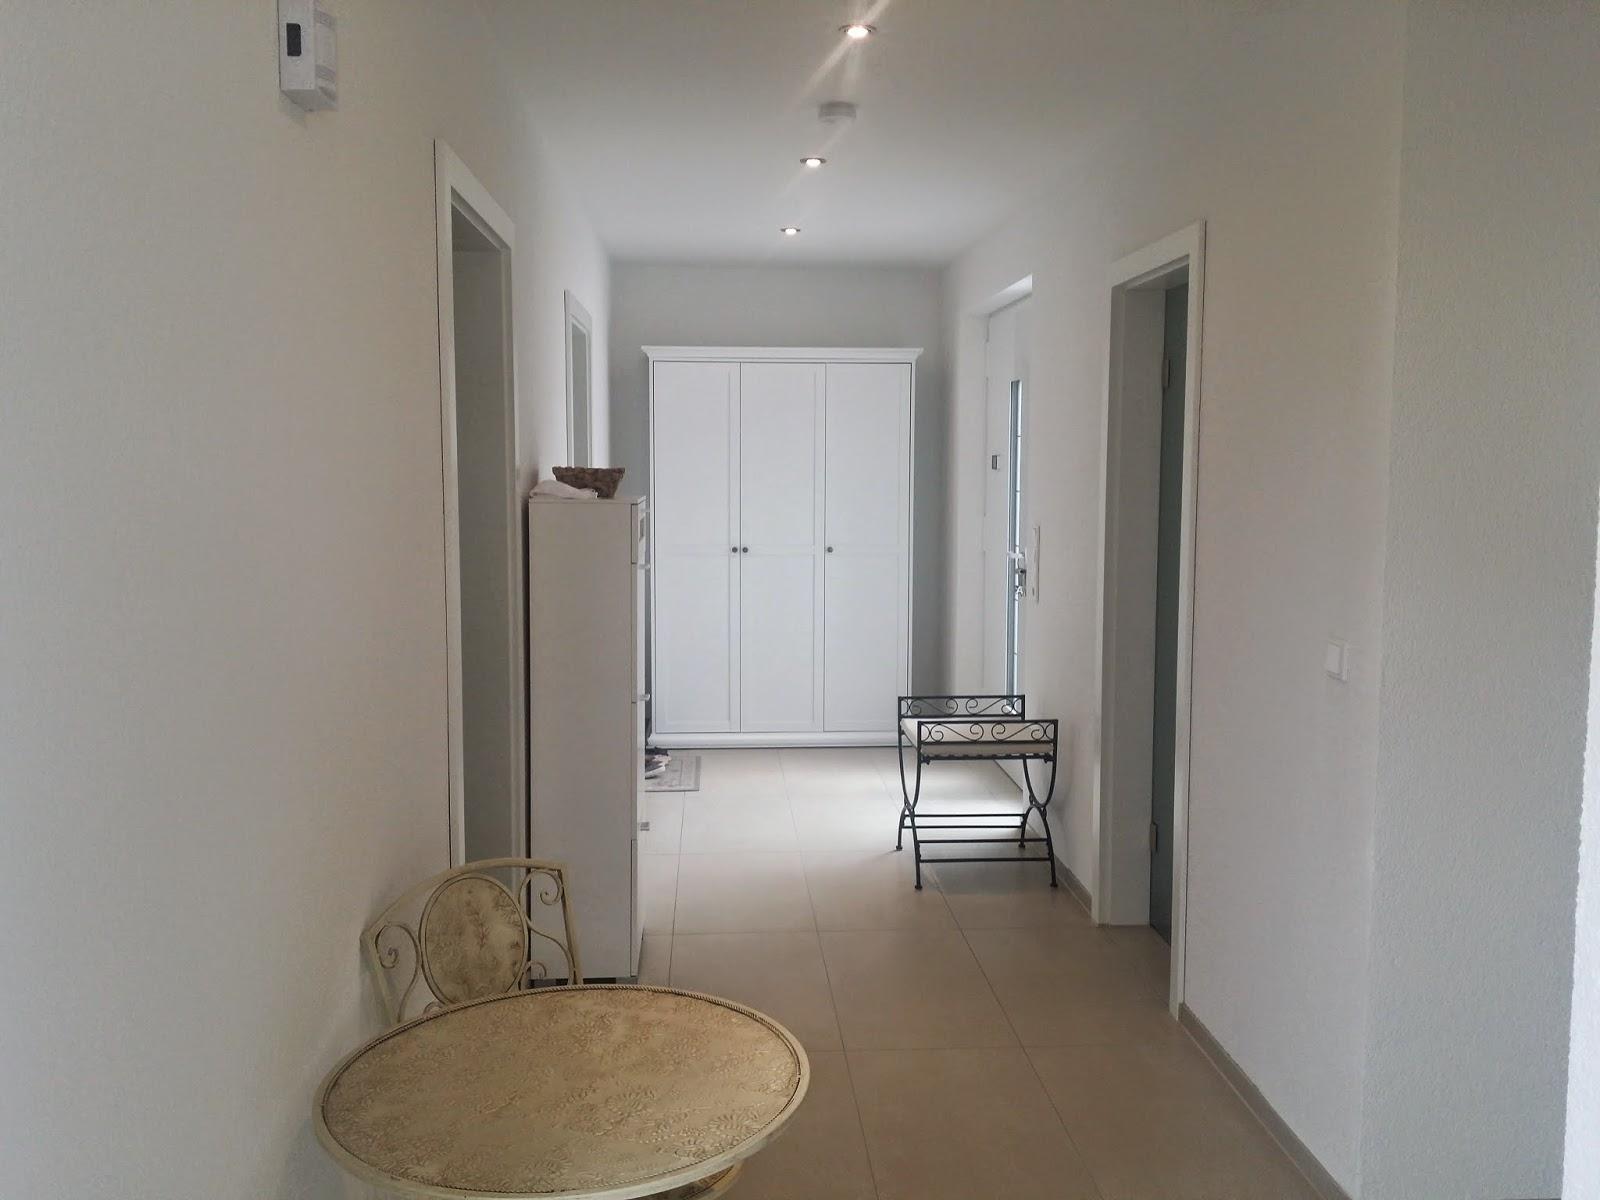 baublog wir bauen in neesbach m belzuwachs im wohnbereich und flur. Black Bedroom Furniture Sets. Home Design Ideas